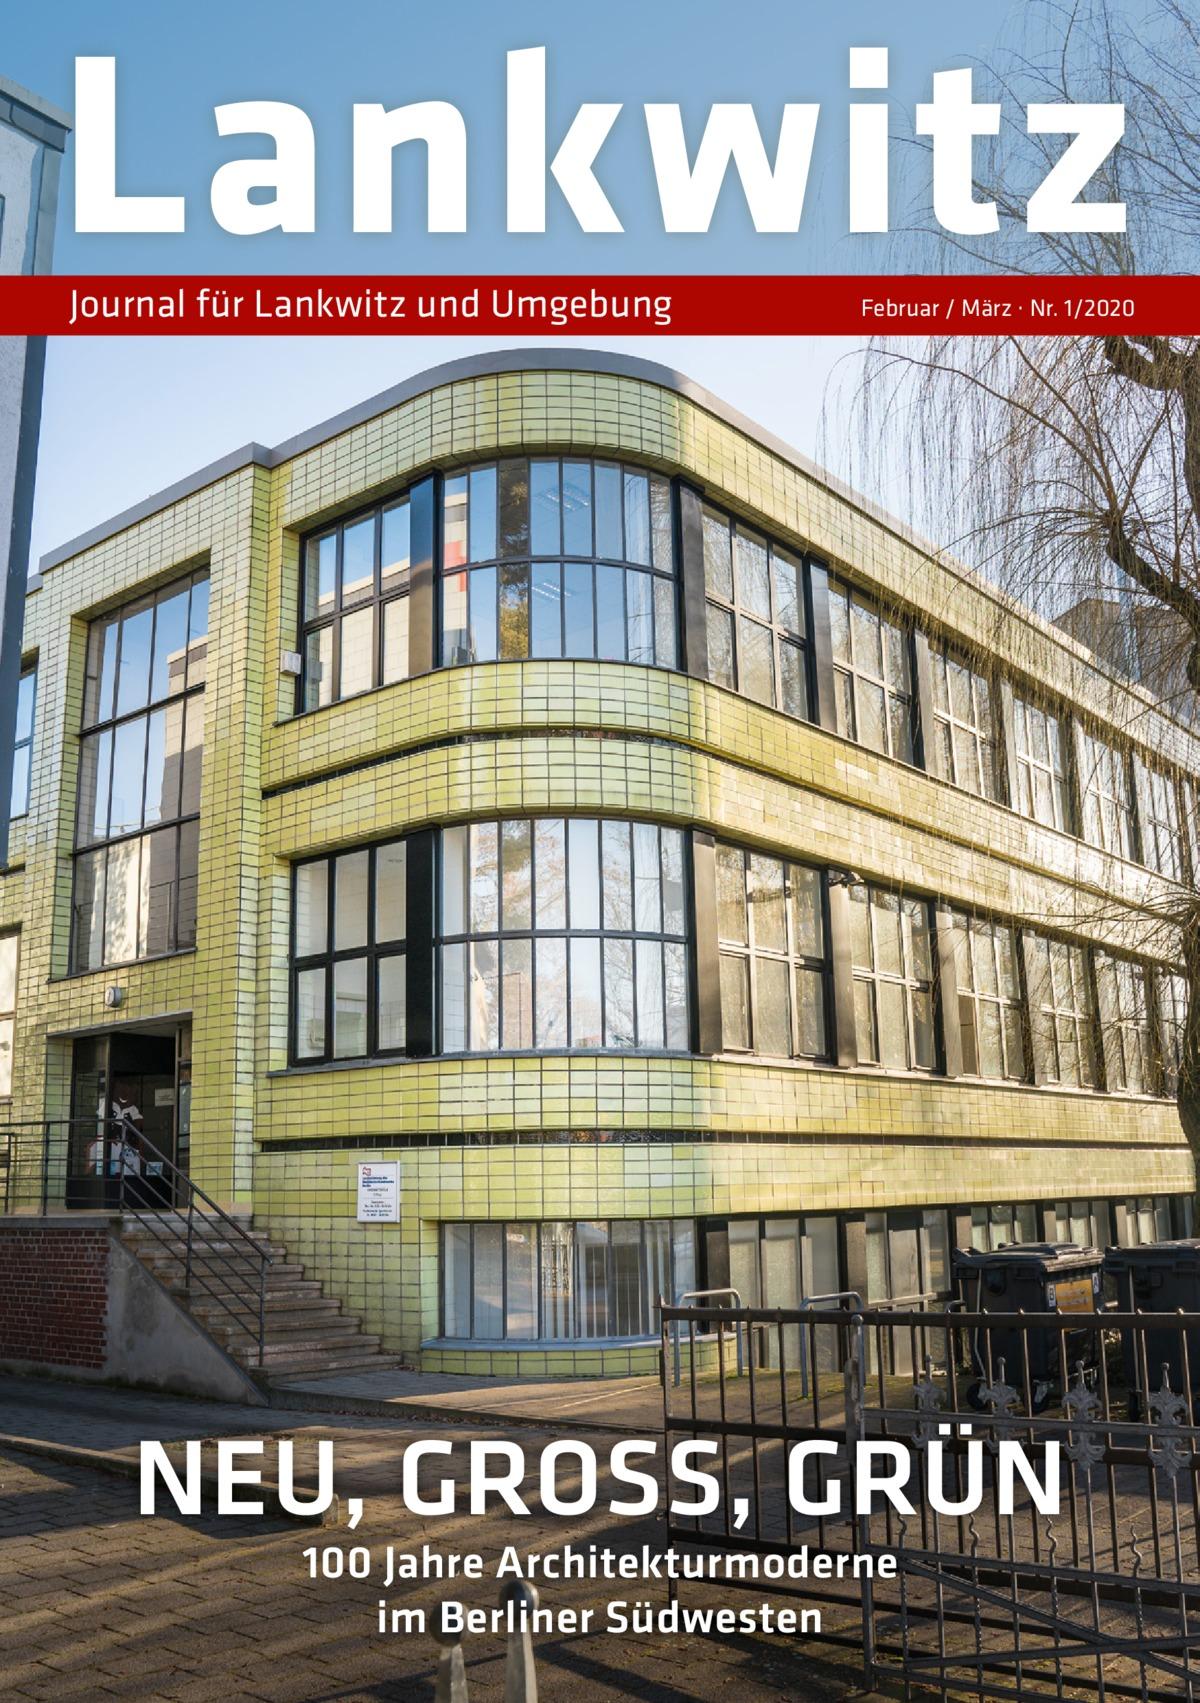 Lankwitz Journal für Lankwitz und Umgebung  Februar / März · Nr. 1/2020  NEU, GROSS, GRÜN 100Jahre Architekturmoderne im Berliner Südwesten